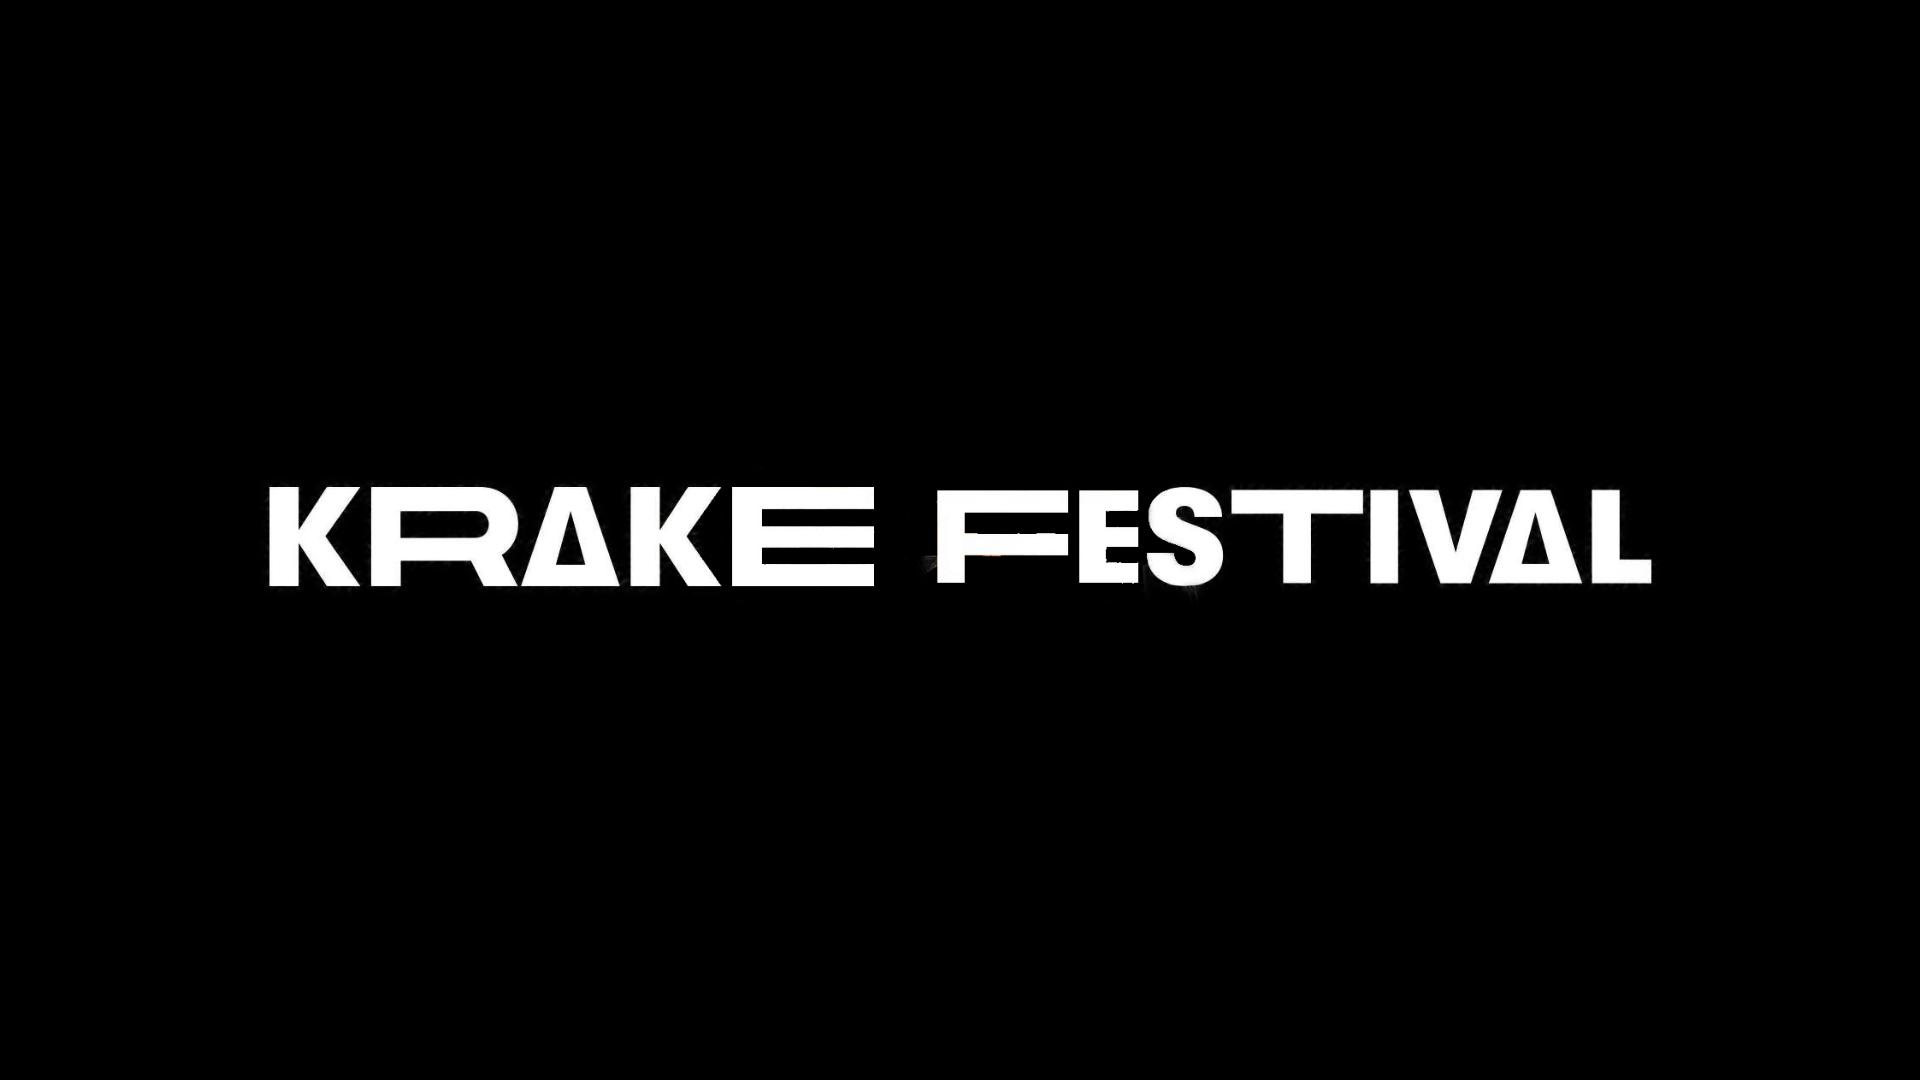 Krake Festival Logo